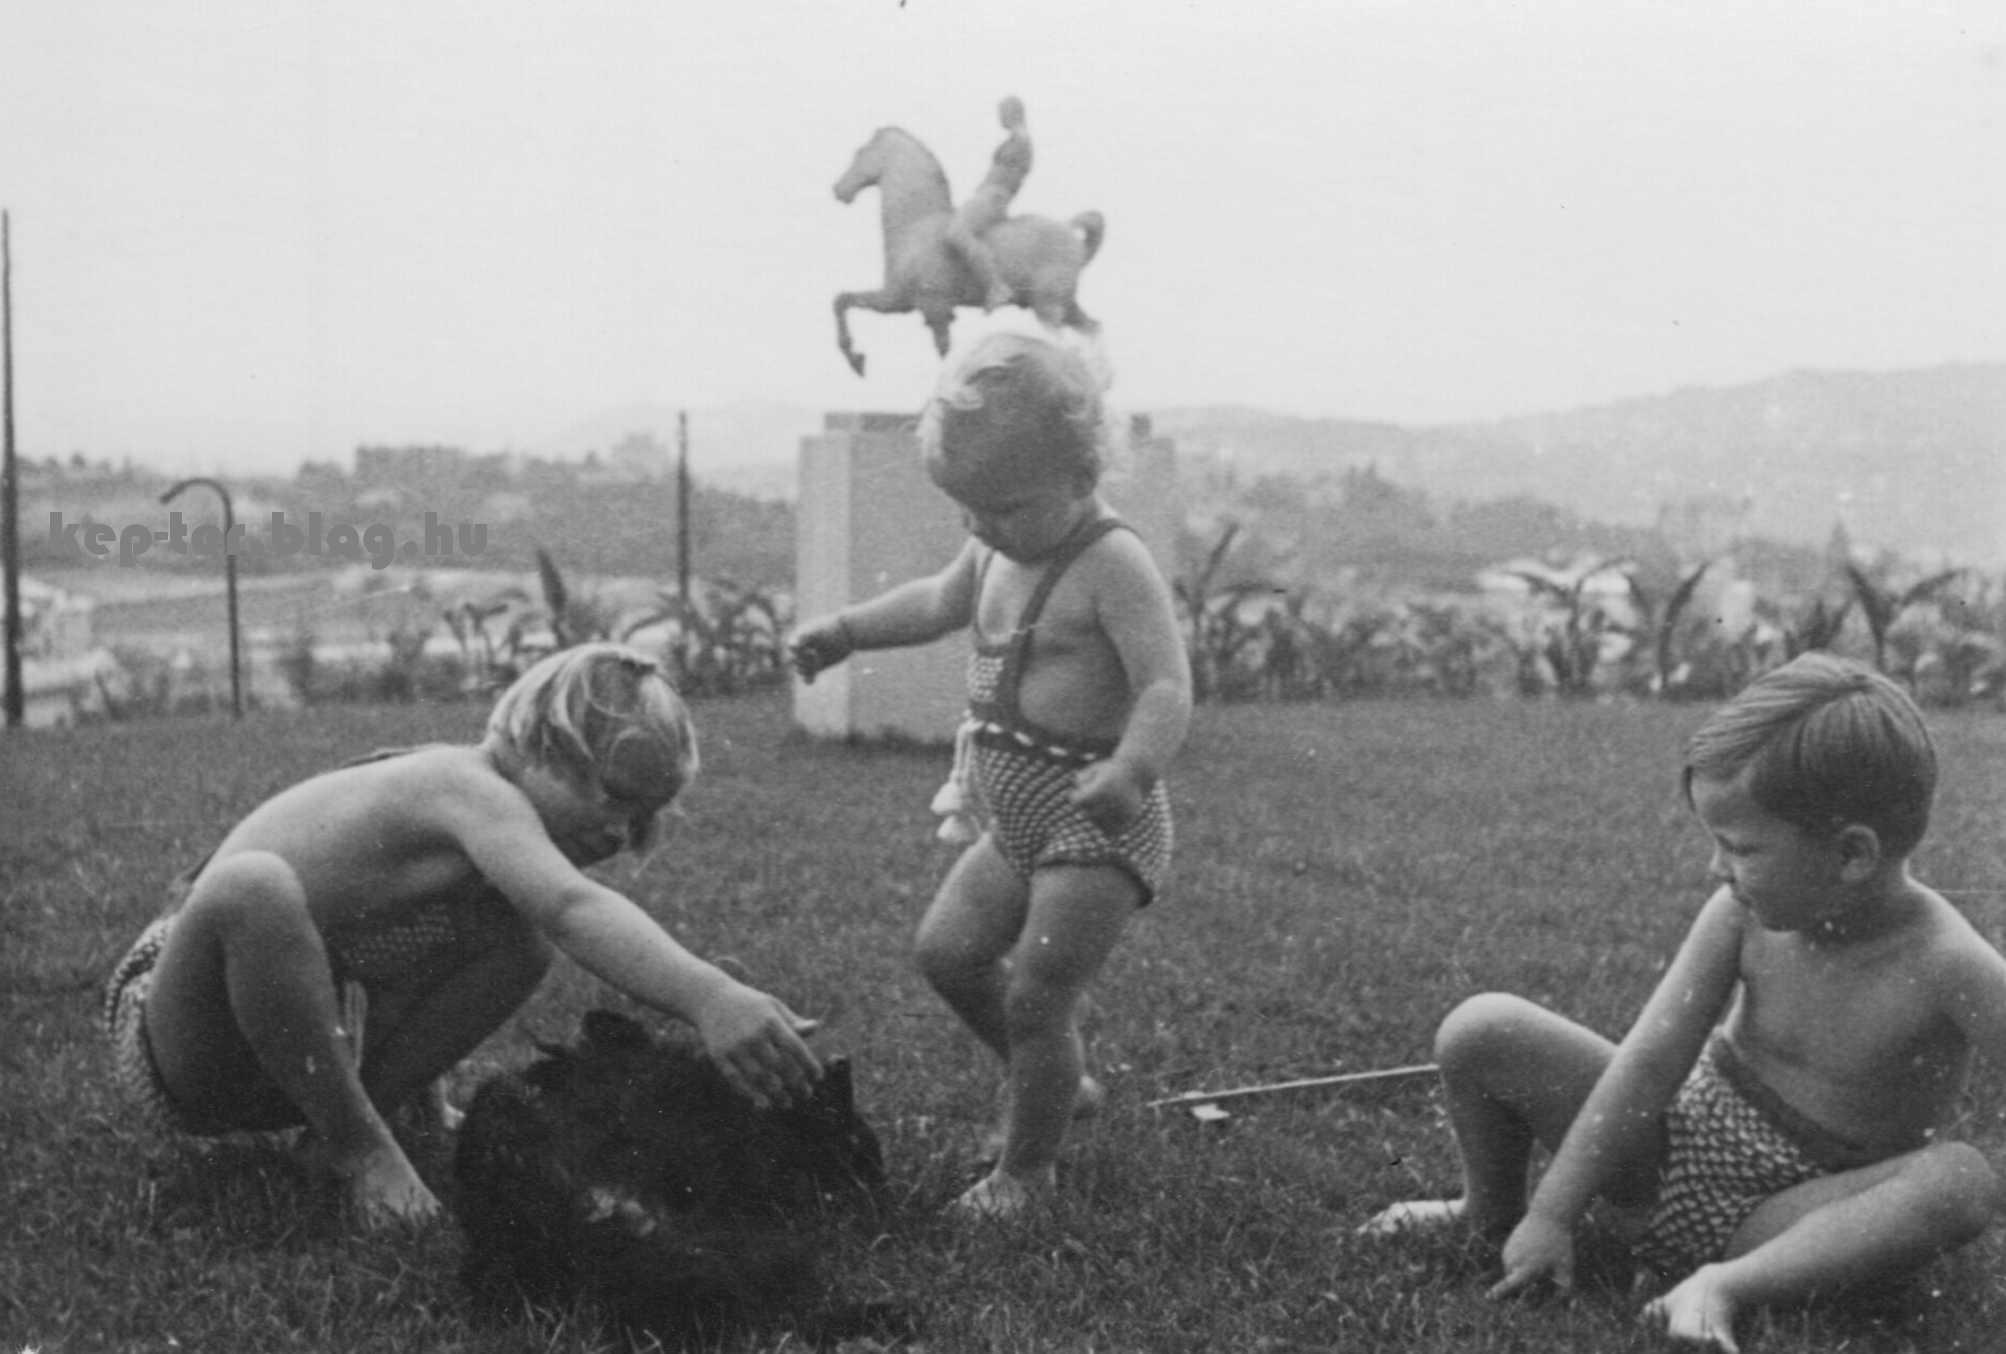 Medgyessy Ferenc alkotása a háttérben látható lovas szobor is, ami a második világháború után tűnt el, lásd még itt: https://www.kozterkep.hu/~/24960/Lovas_szobor_Budapest_1942.html